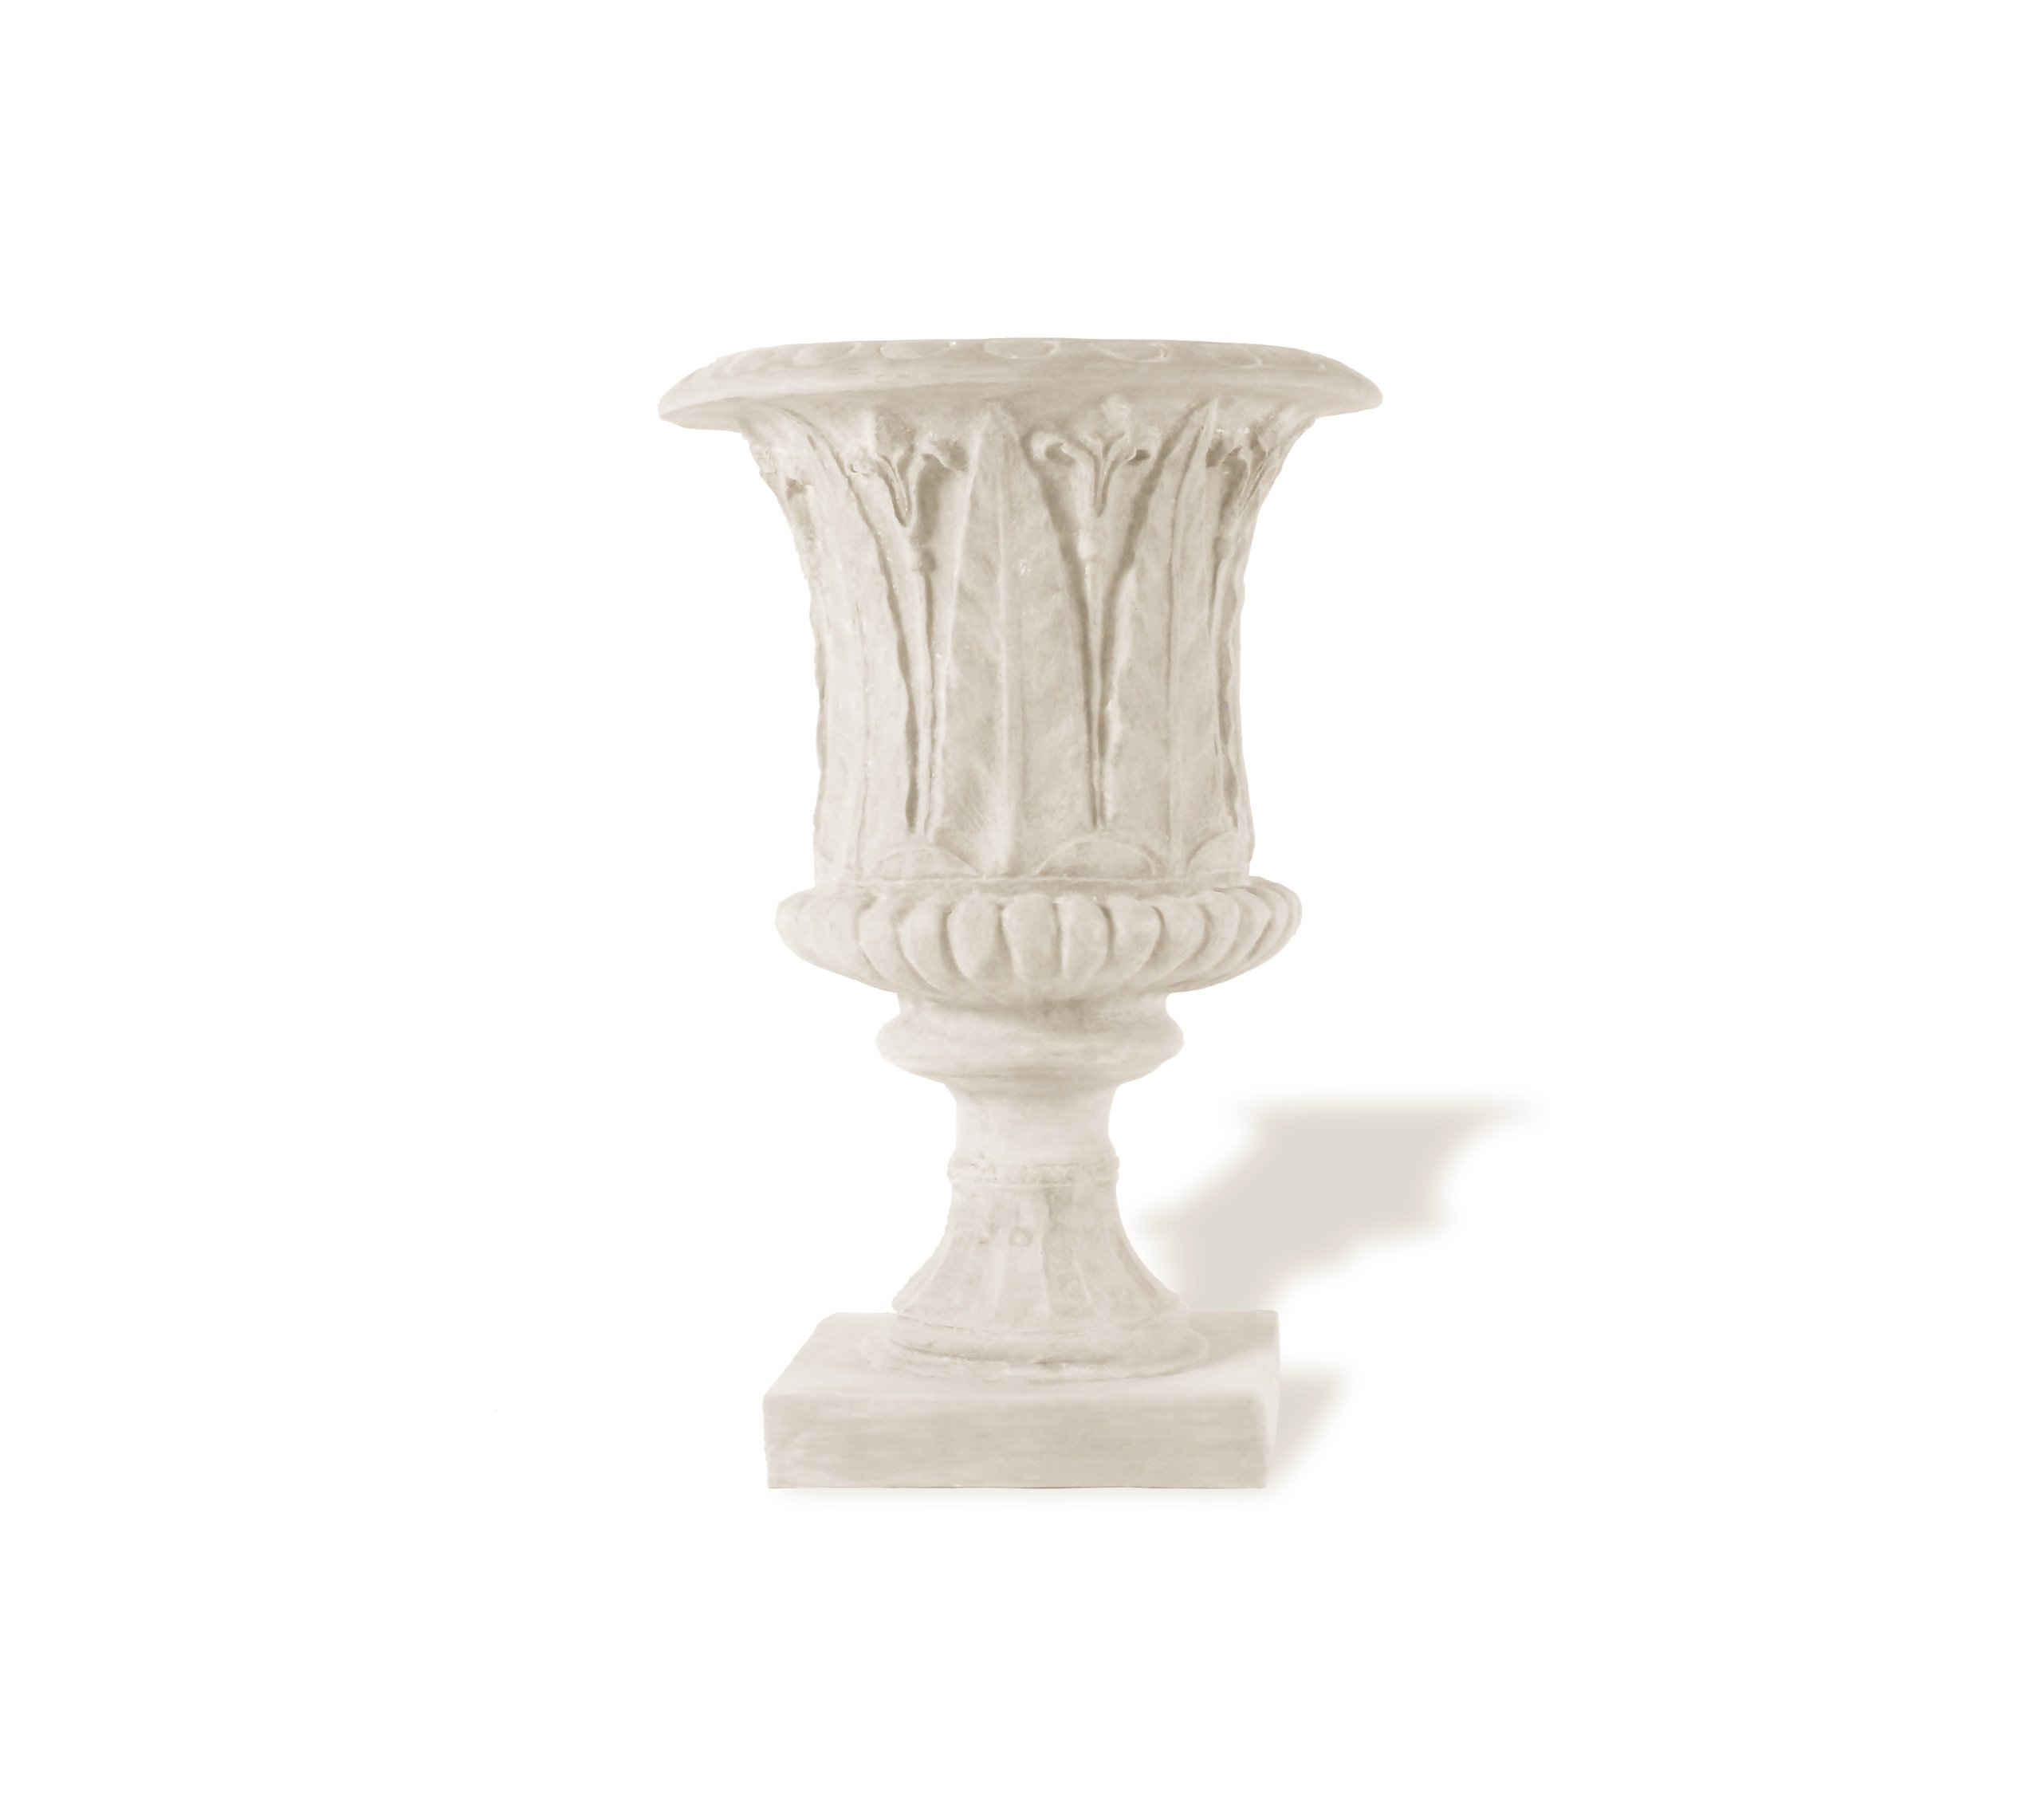 Amedeo Design ResinStone 2509-51L Palm Leaf Urn, 24 by 24 by 34-Inch, Limestone